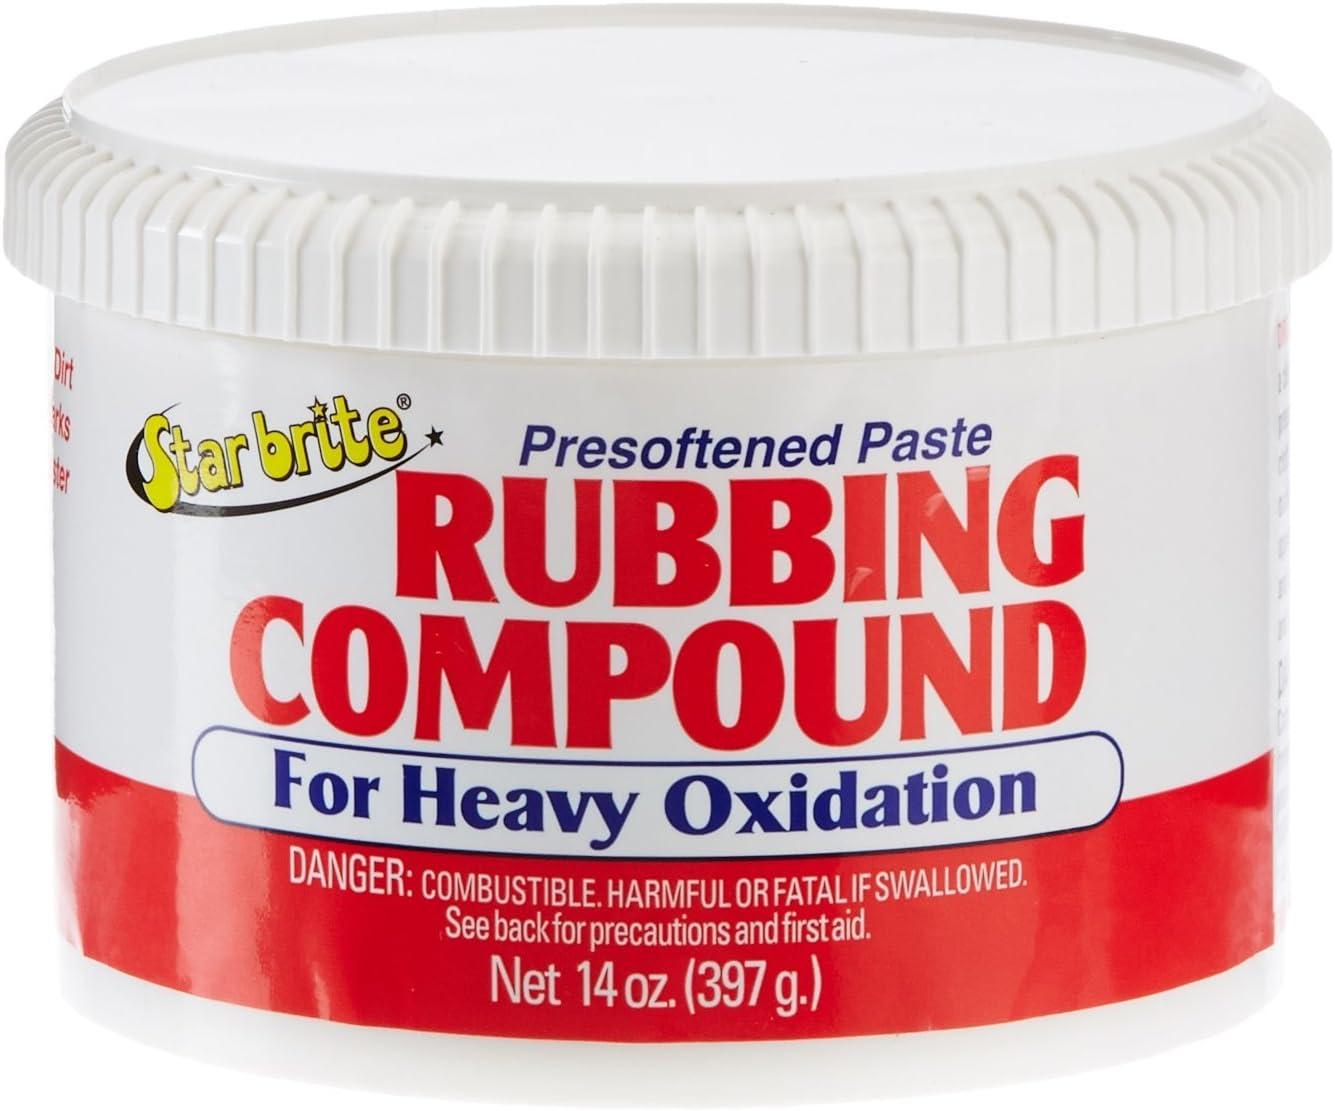 Star brite Paste Rubbing Compound